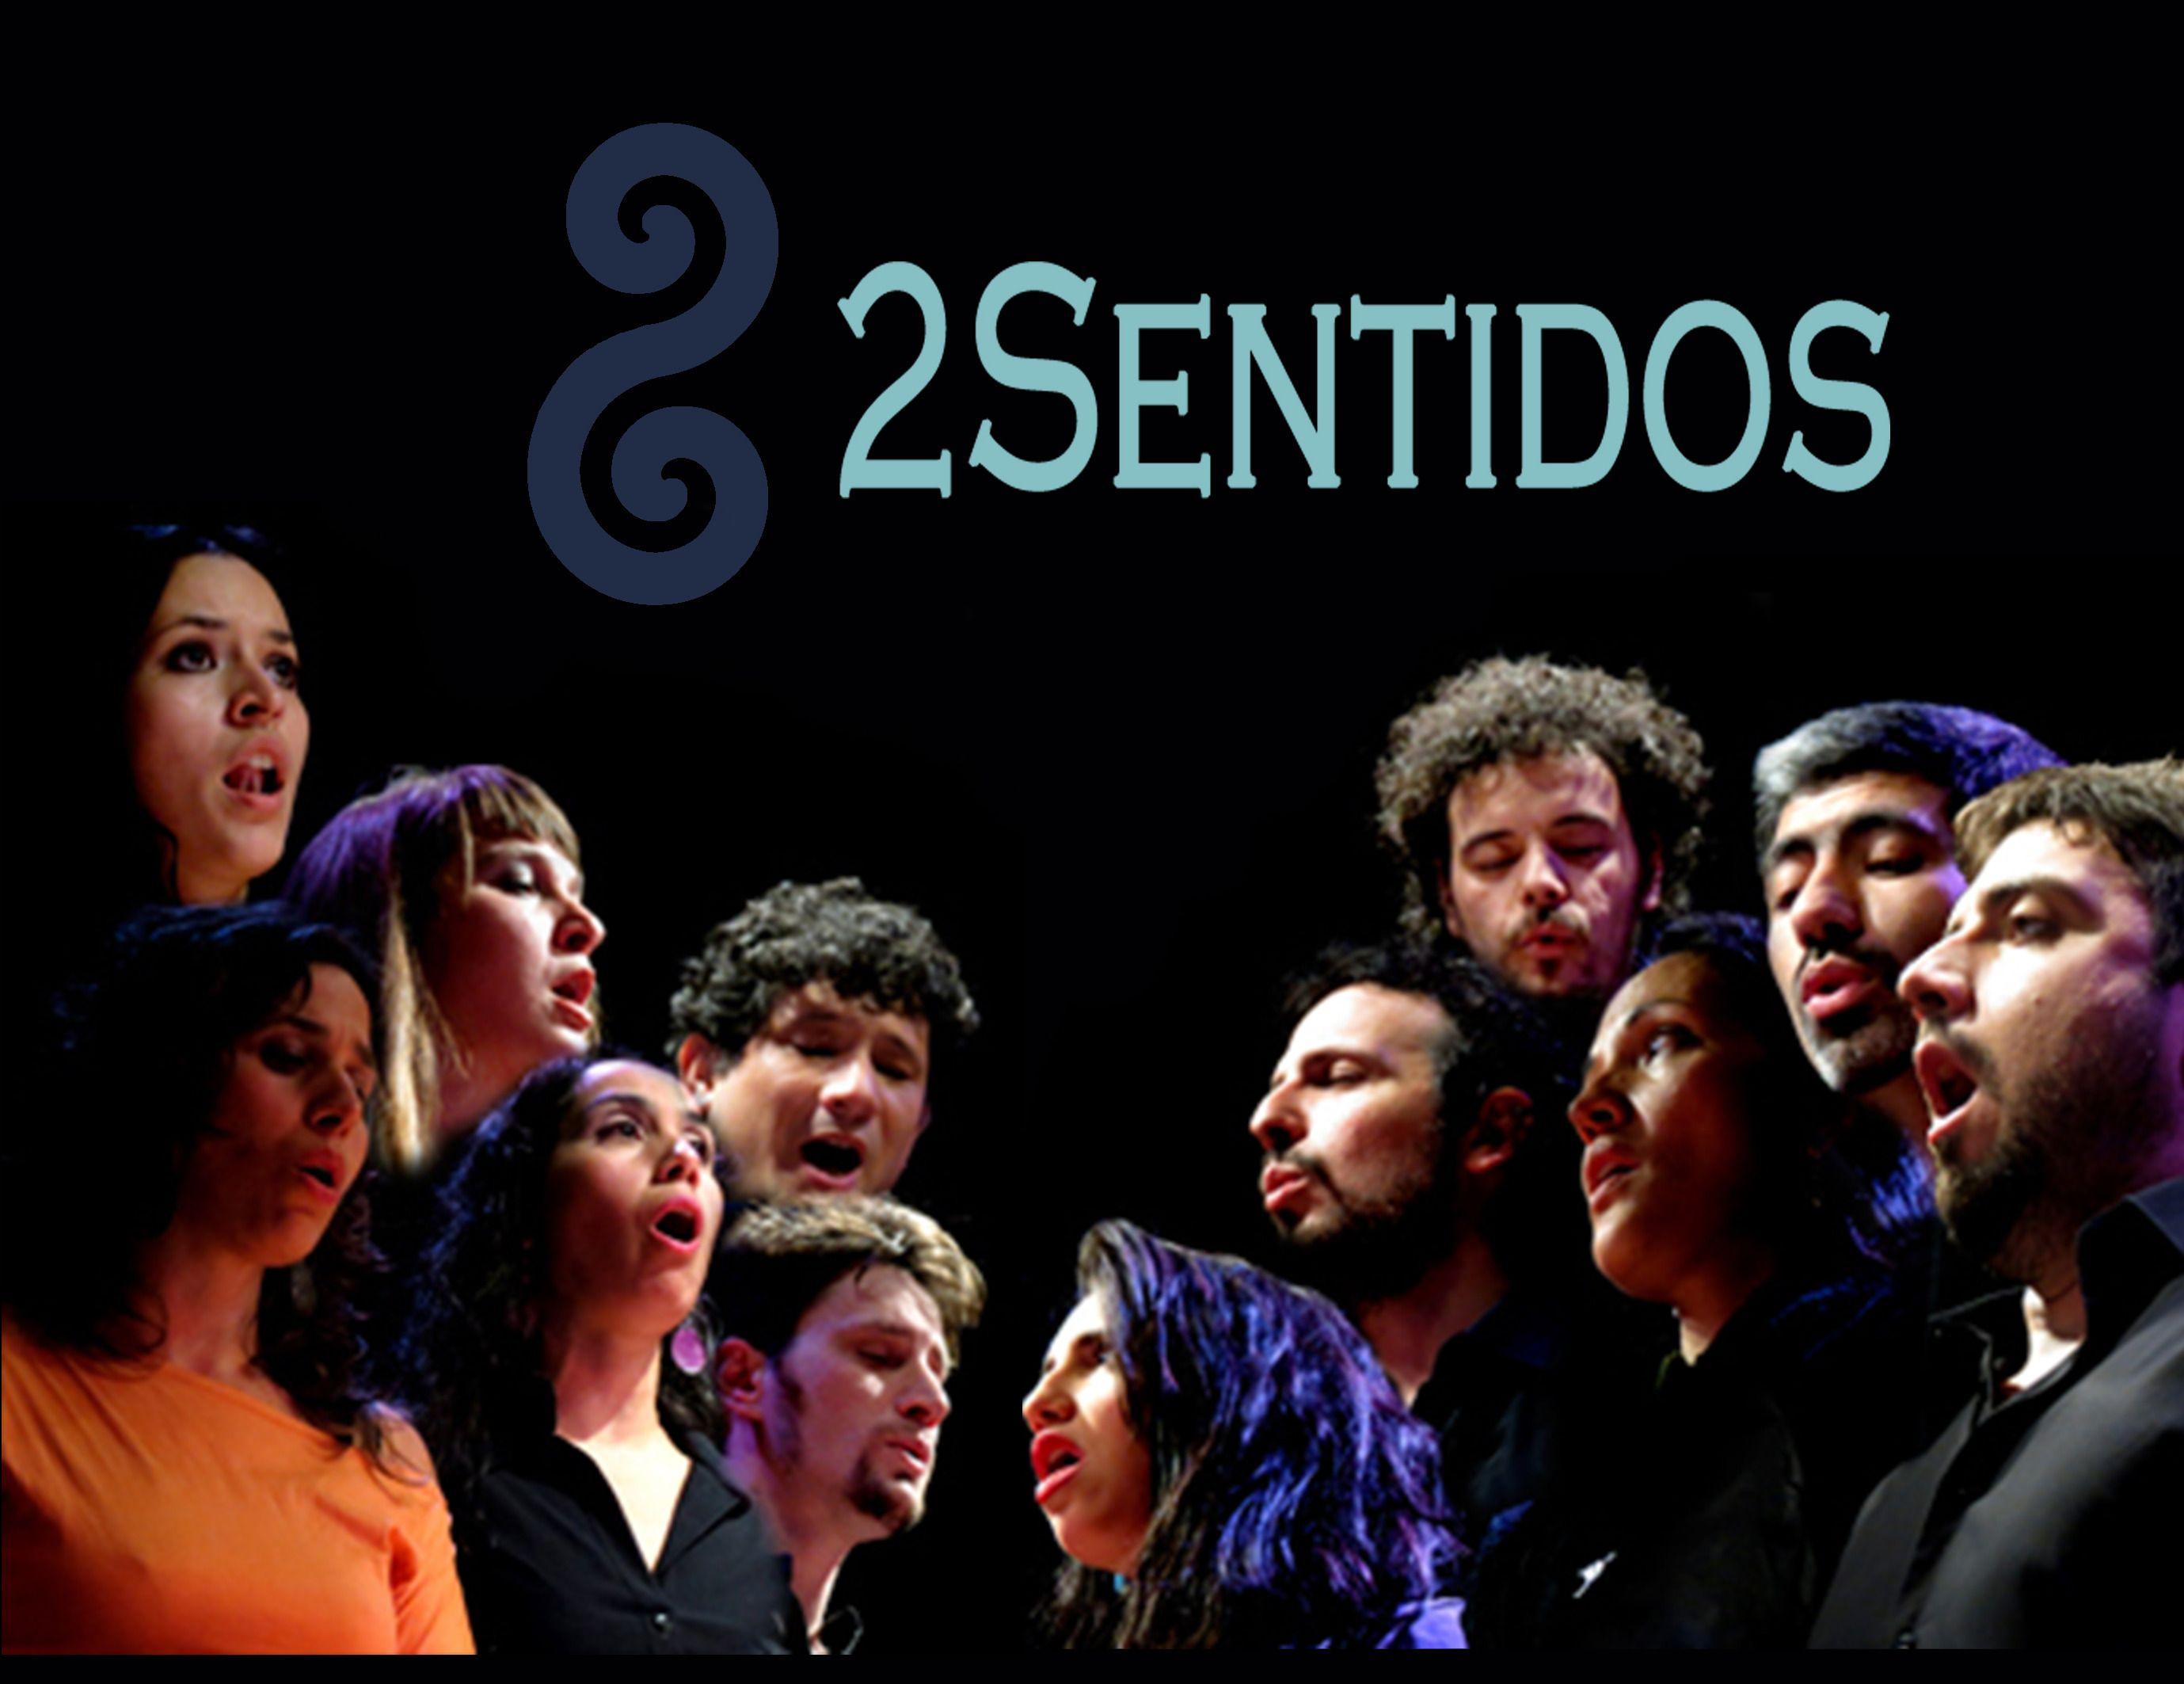 Â¡Ayudanos a ganar en Brasil!. Nos seleccionaron para representar a Argentina y competir en el Concurso Internacional de Coros AMERIDE Â¡en Brasil! Â¿Nos das una mano?